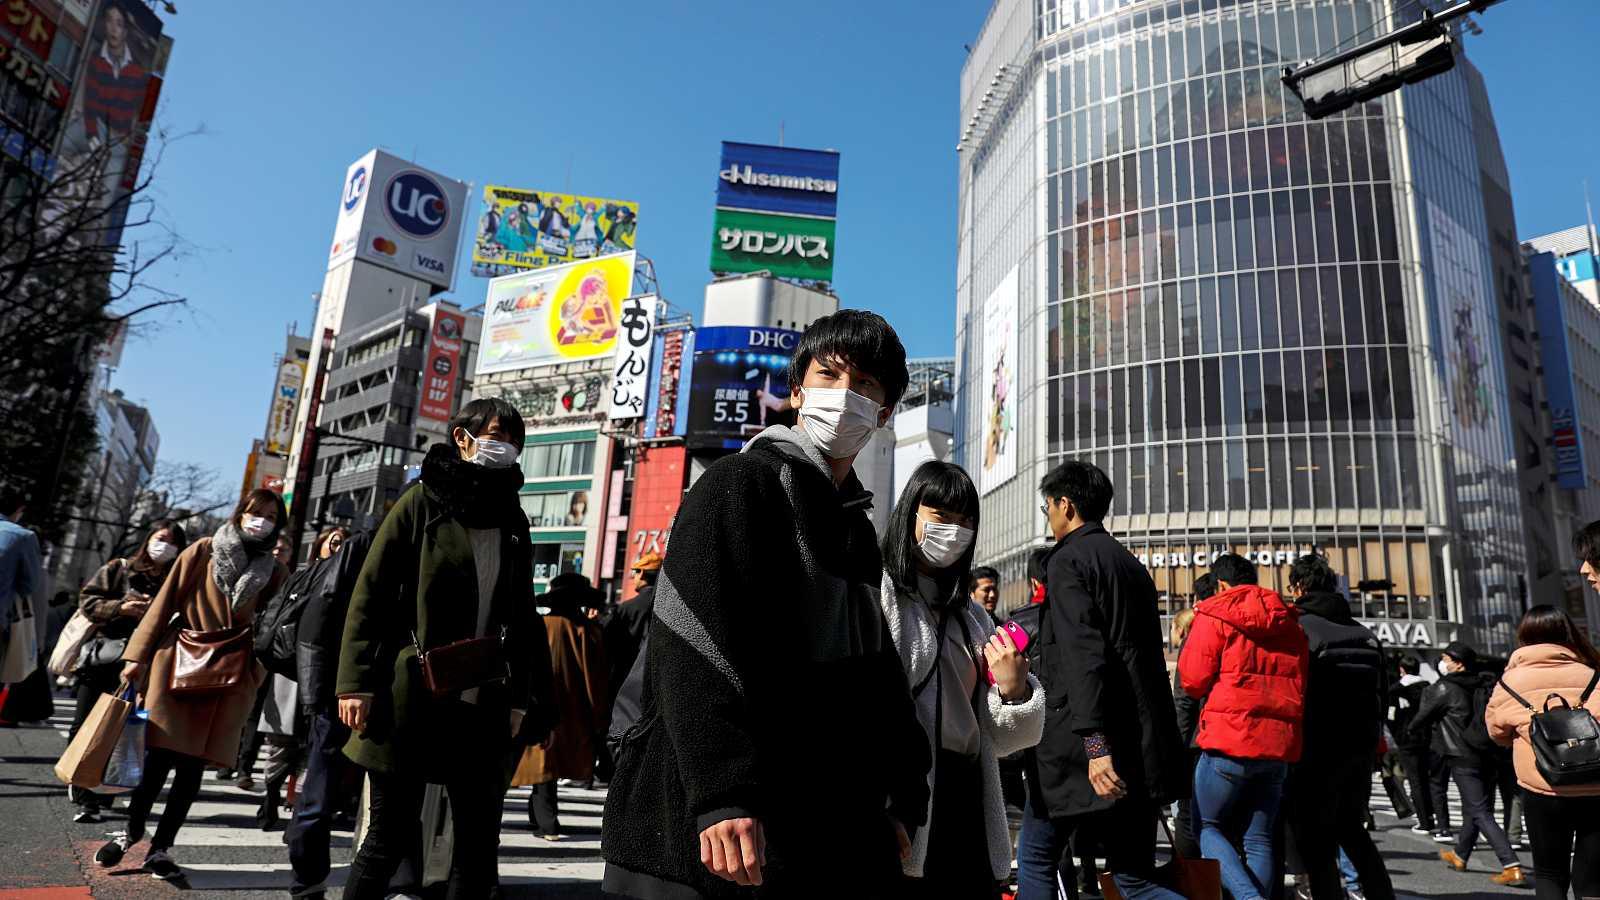 Personas llevando máscaras protectoras contra el coronavirus en el distrito comercial de Shibuya